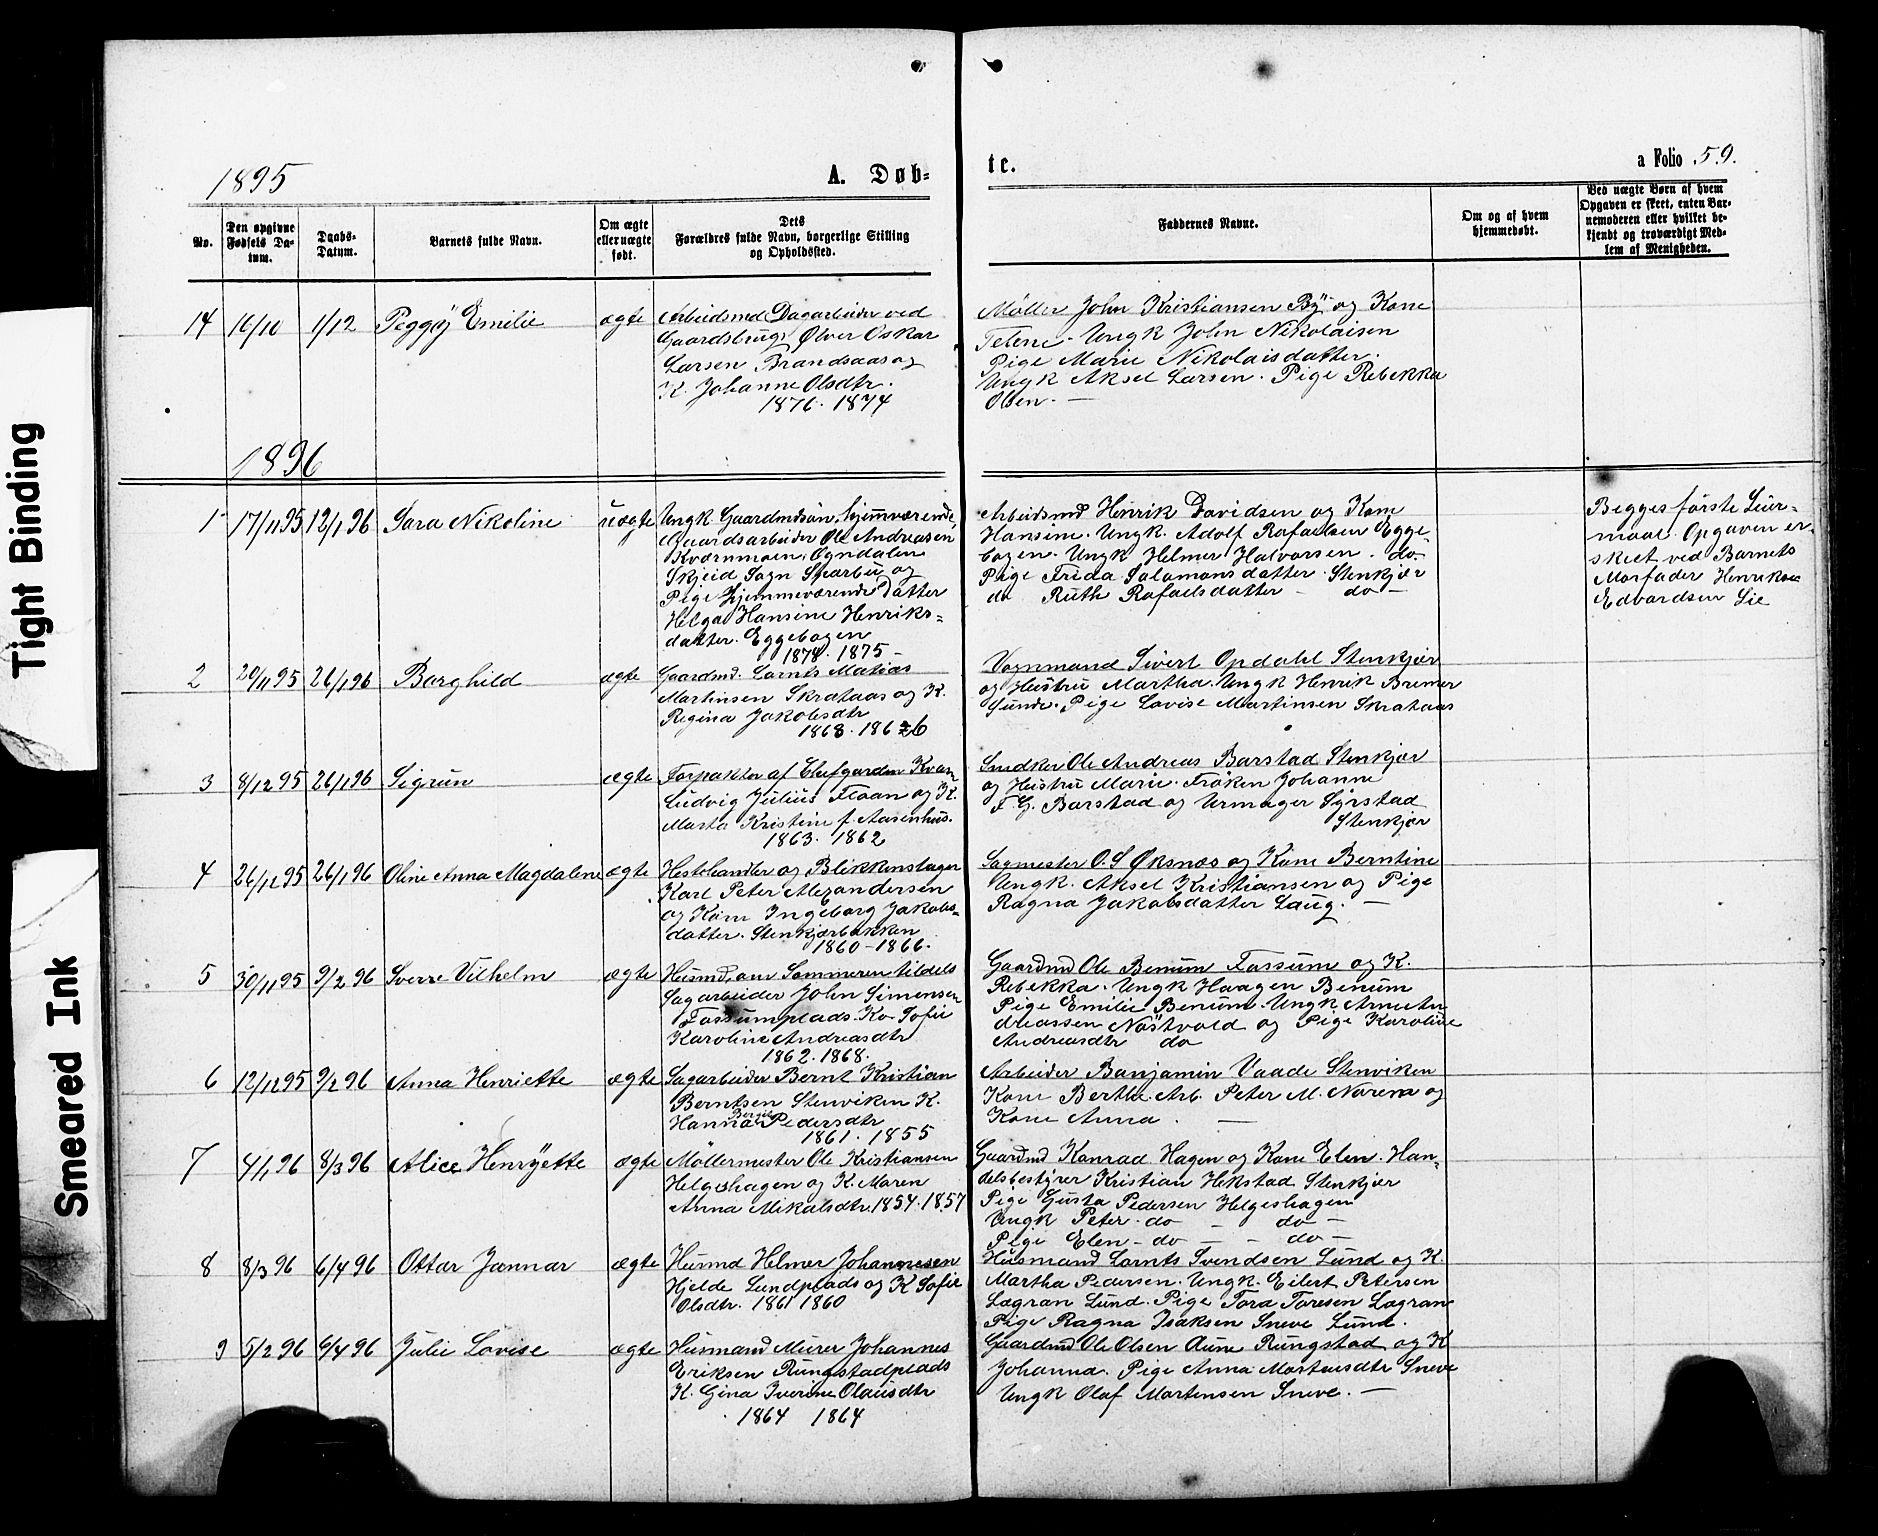 SAT, Ministerialprotokoller, klokkerbøker og fødselsregistre - Nord-Trøndelag, 740/L0380: Klokkerbok nr. 740C01, 1868-1902, s. 59